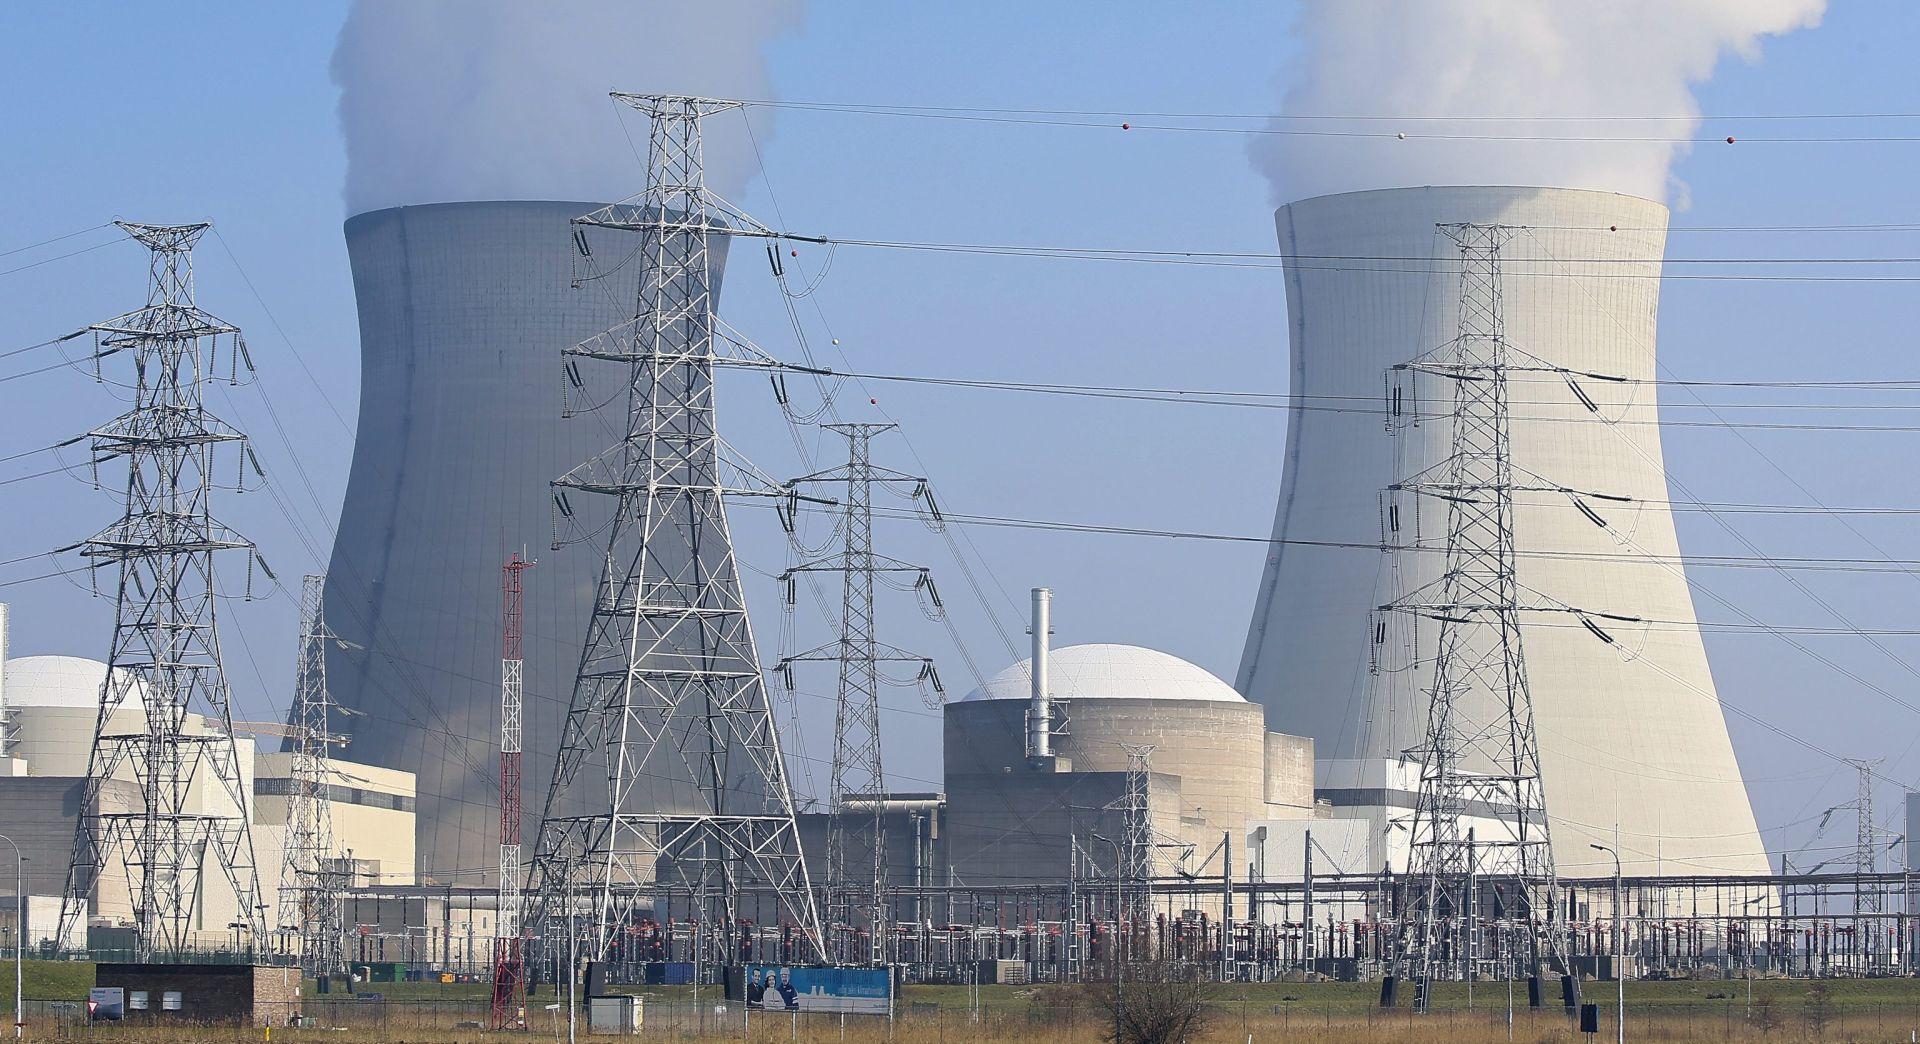 UKRADENA MU SIGURNOSNA PROPUSNICA Dva dana nakon napada u Bruxellesu, ubijen zaštitar nuklearne elektrane